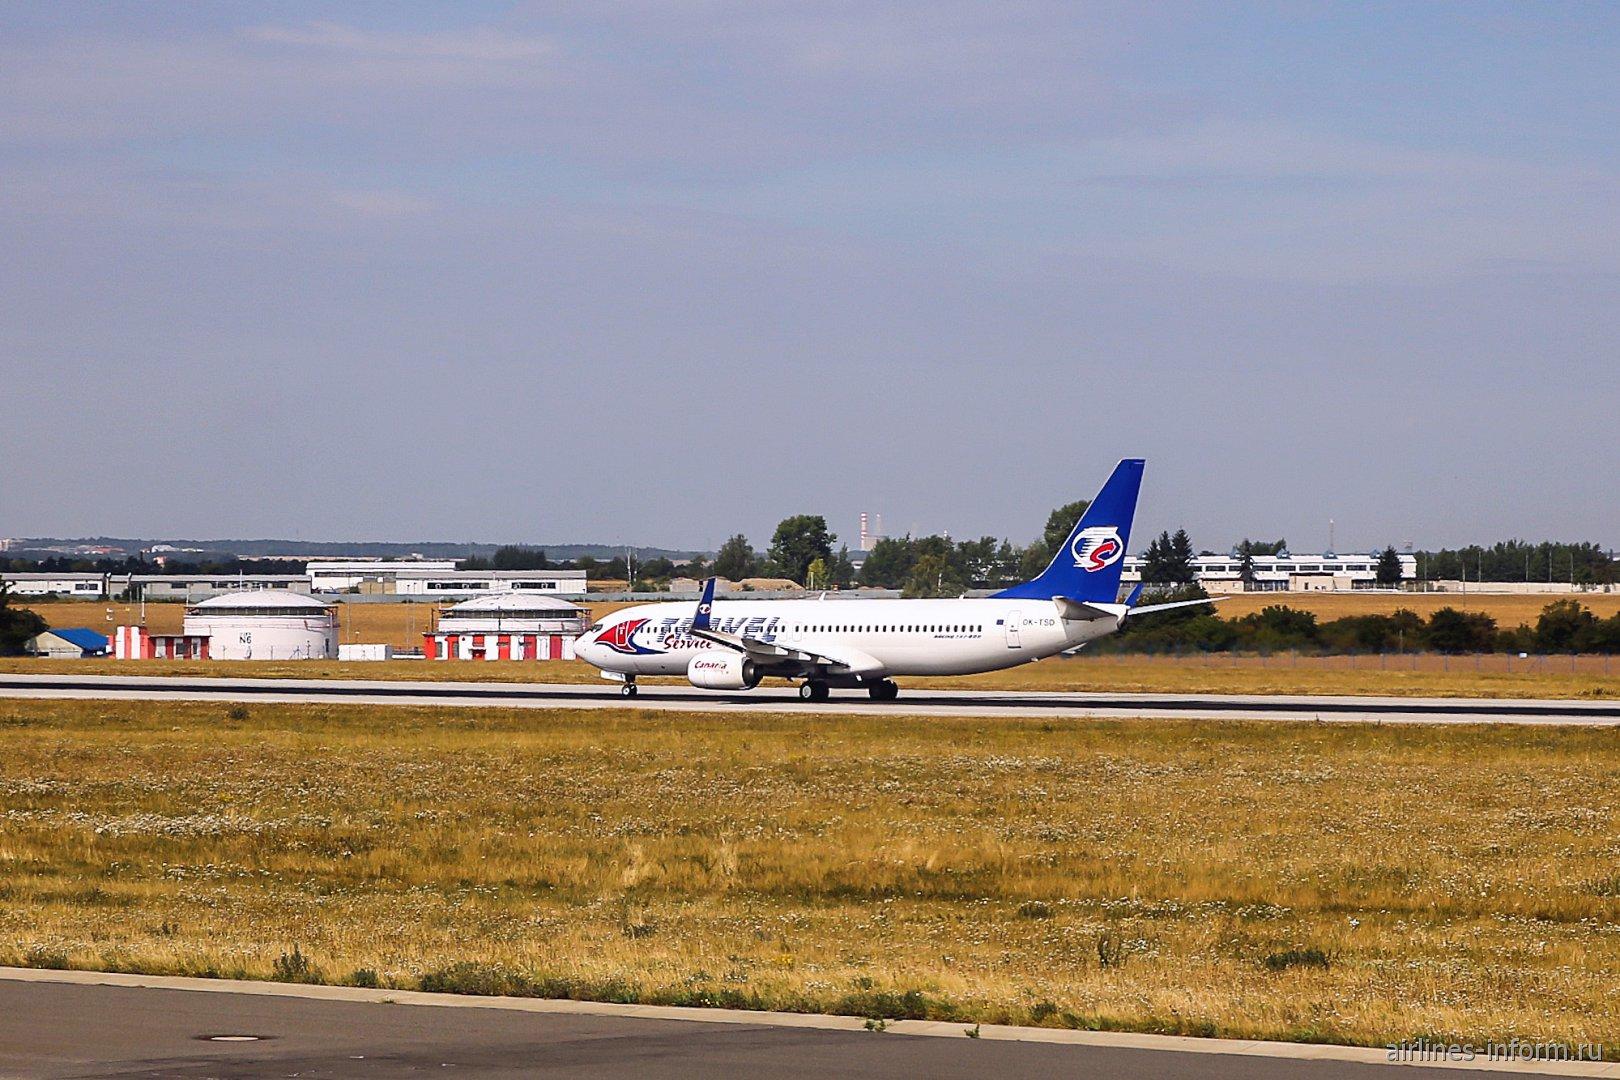 Самолет Боинг-737-800 авиакомпании Travel Service взлетает в аэропорту Праги